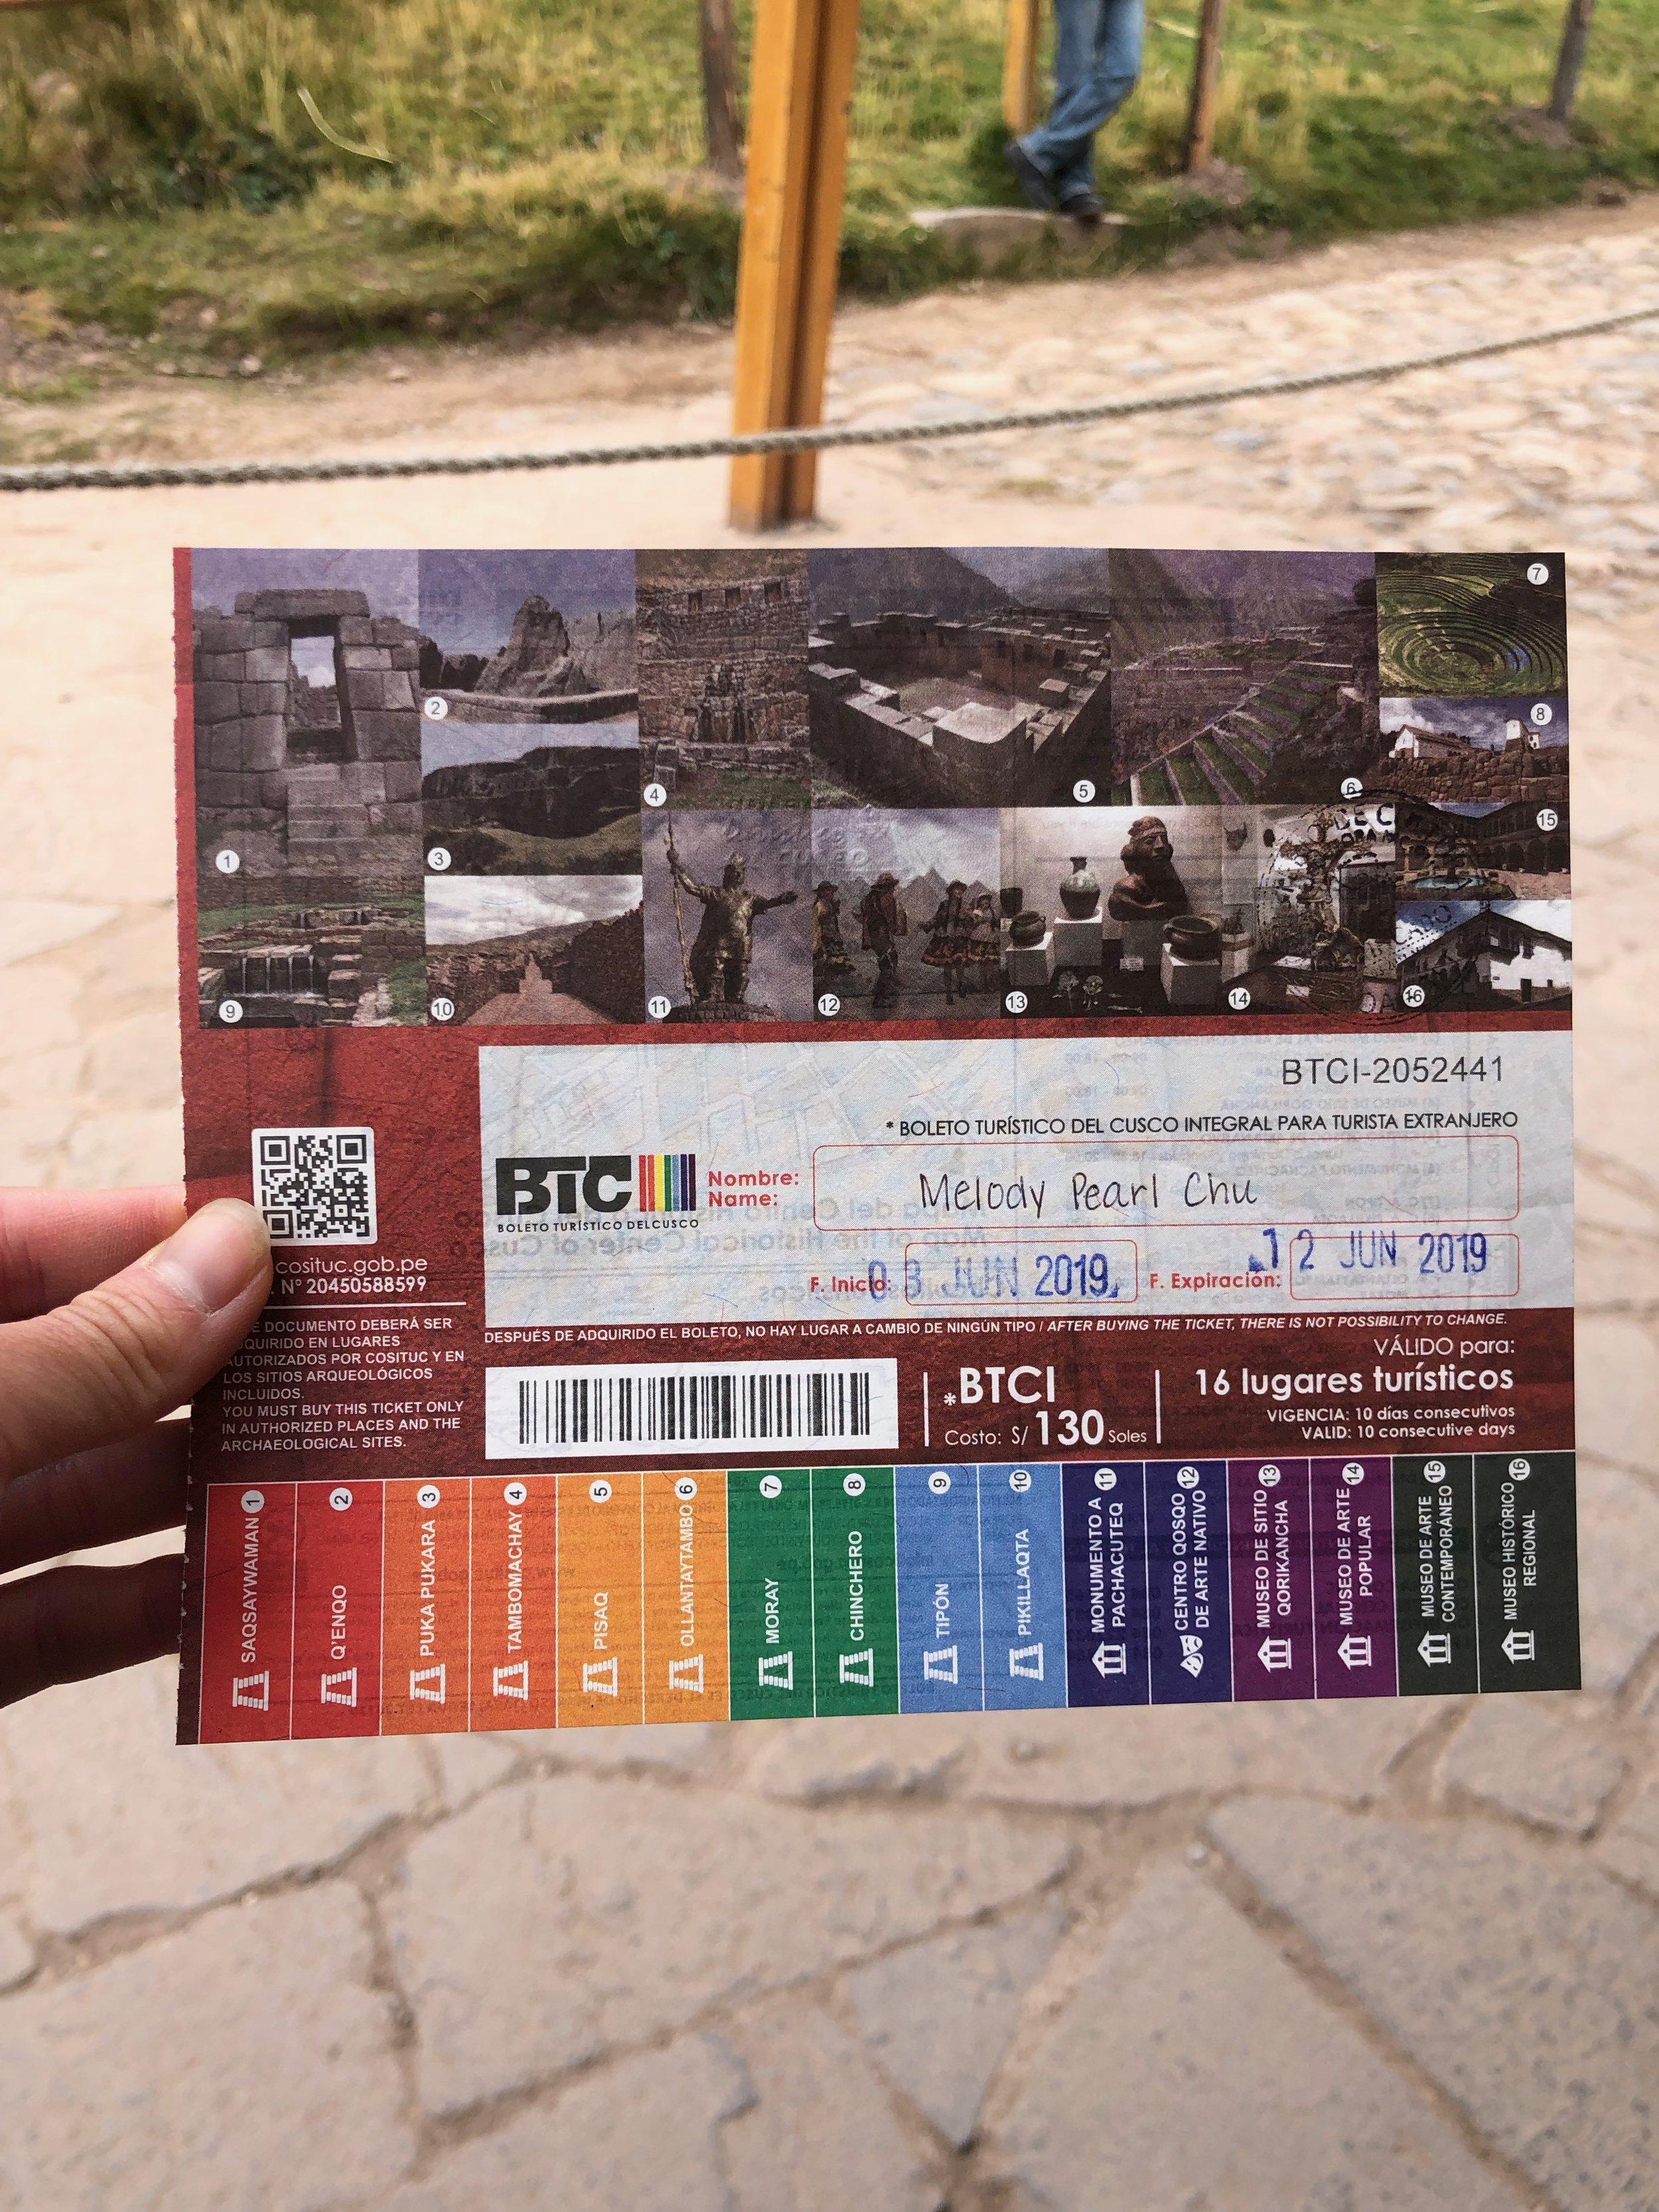 Boleto Turístico del Cusco (Tourist Ticket)